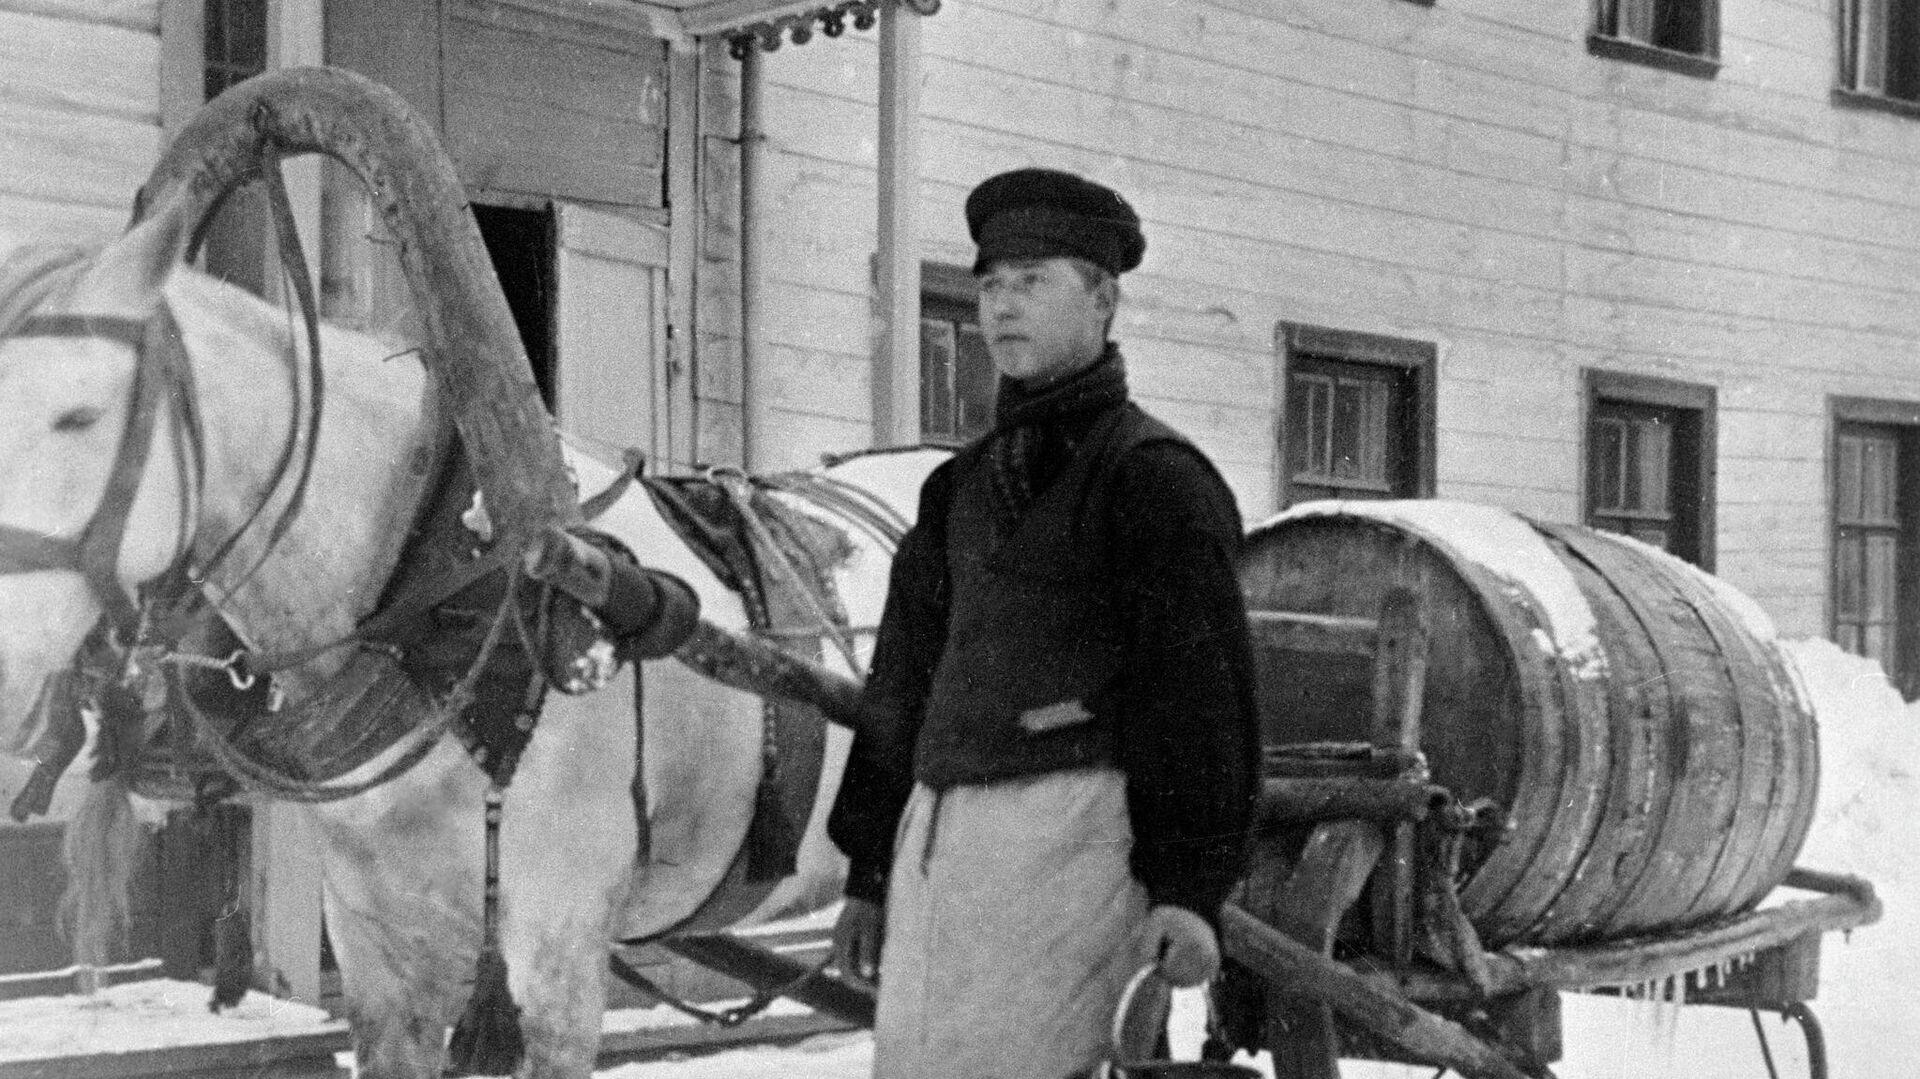 Извозчик-водовоз развозит воду по домам, в которых нет водопровода - РИА Новости, 1920, 26.01.2021